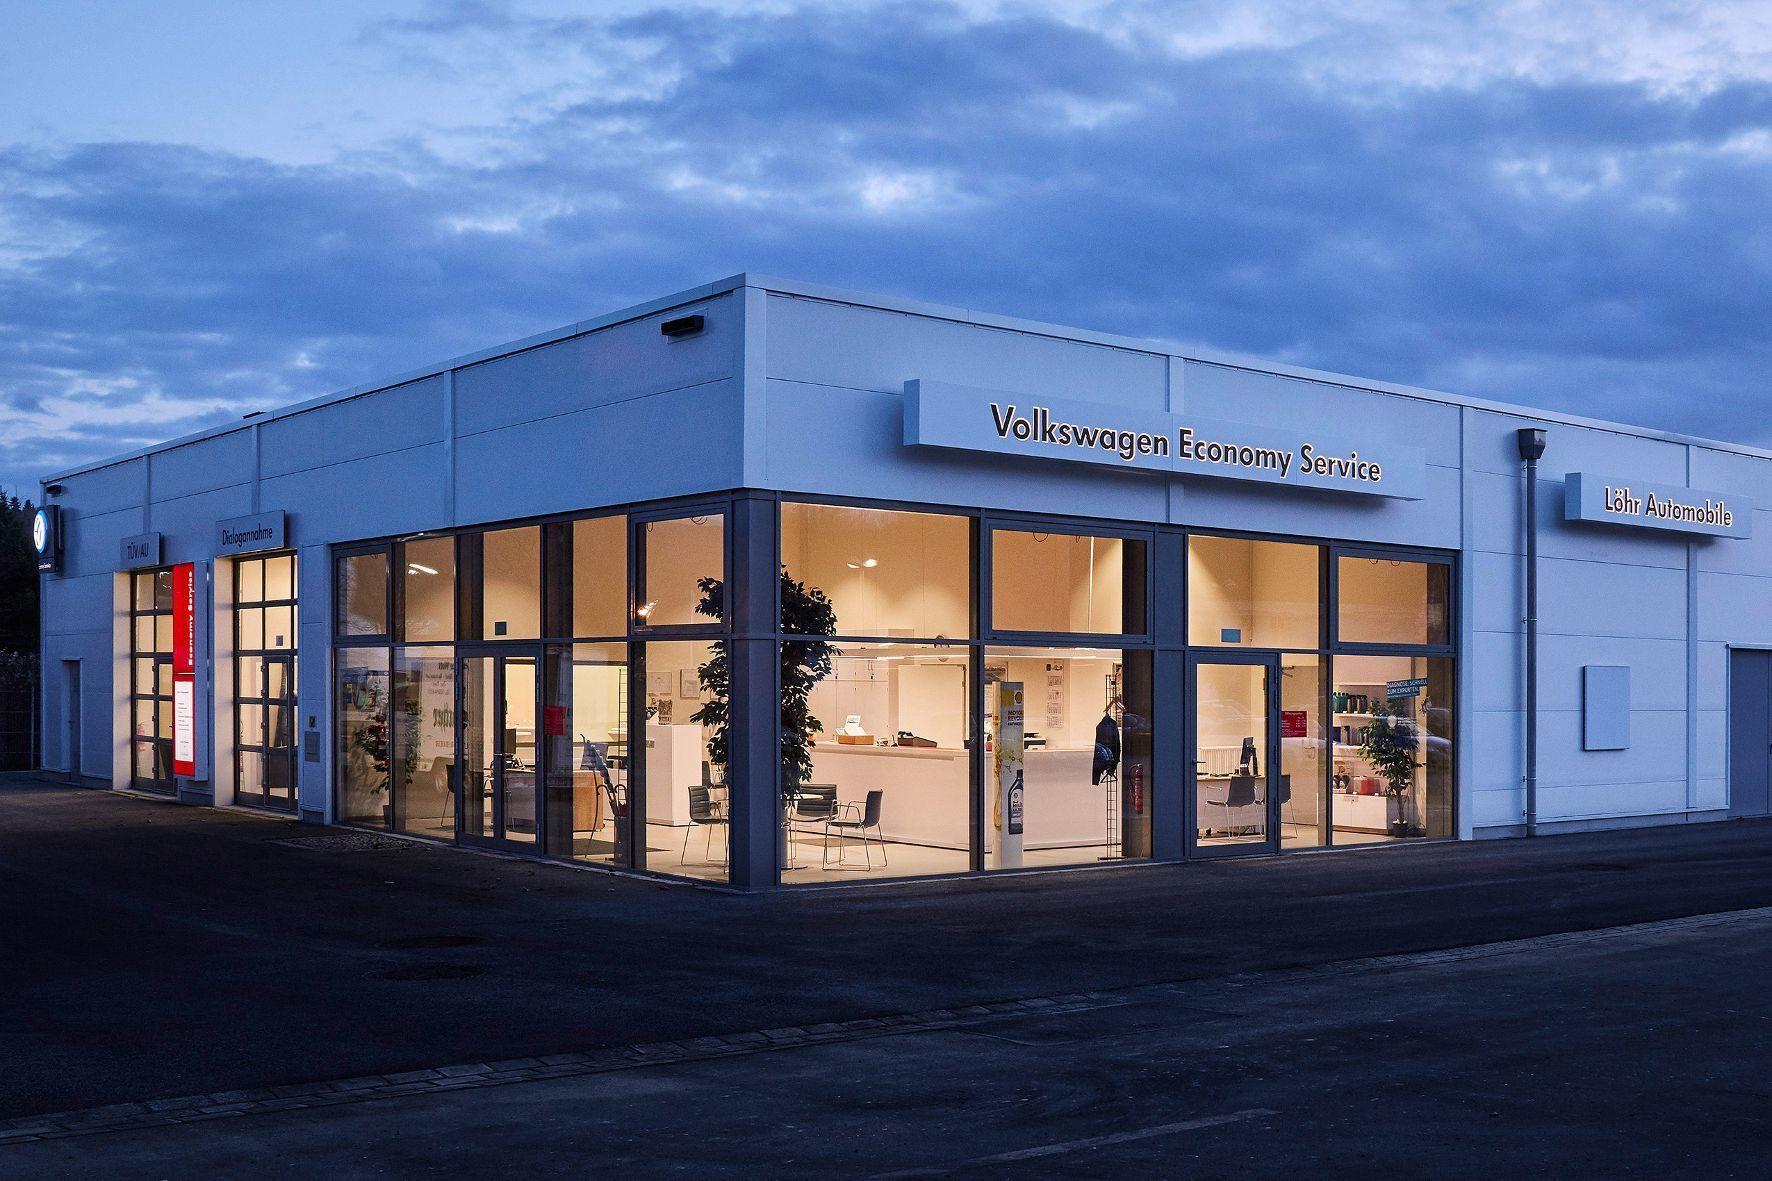 mid Groß-Gerau - In Bad Neuenahr-Ahrweiler hat Volkswagen den ersten Economy-Service-Standort eröffnet. Noch im Jahr 2017 soll das Zubehör- und Ersatzteilgeschäft bei bis zu 400 bestehenden Servicepartnern ausgebaut werden.